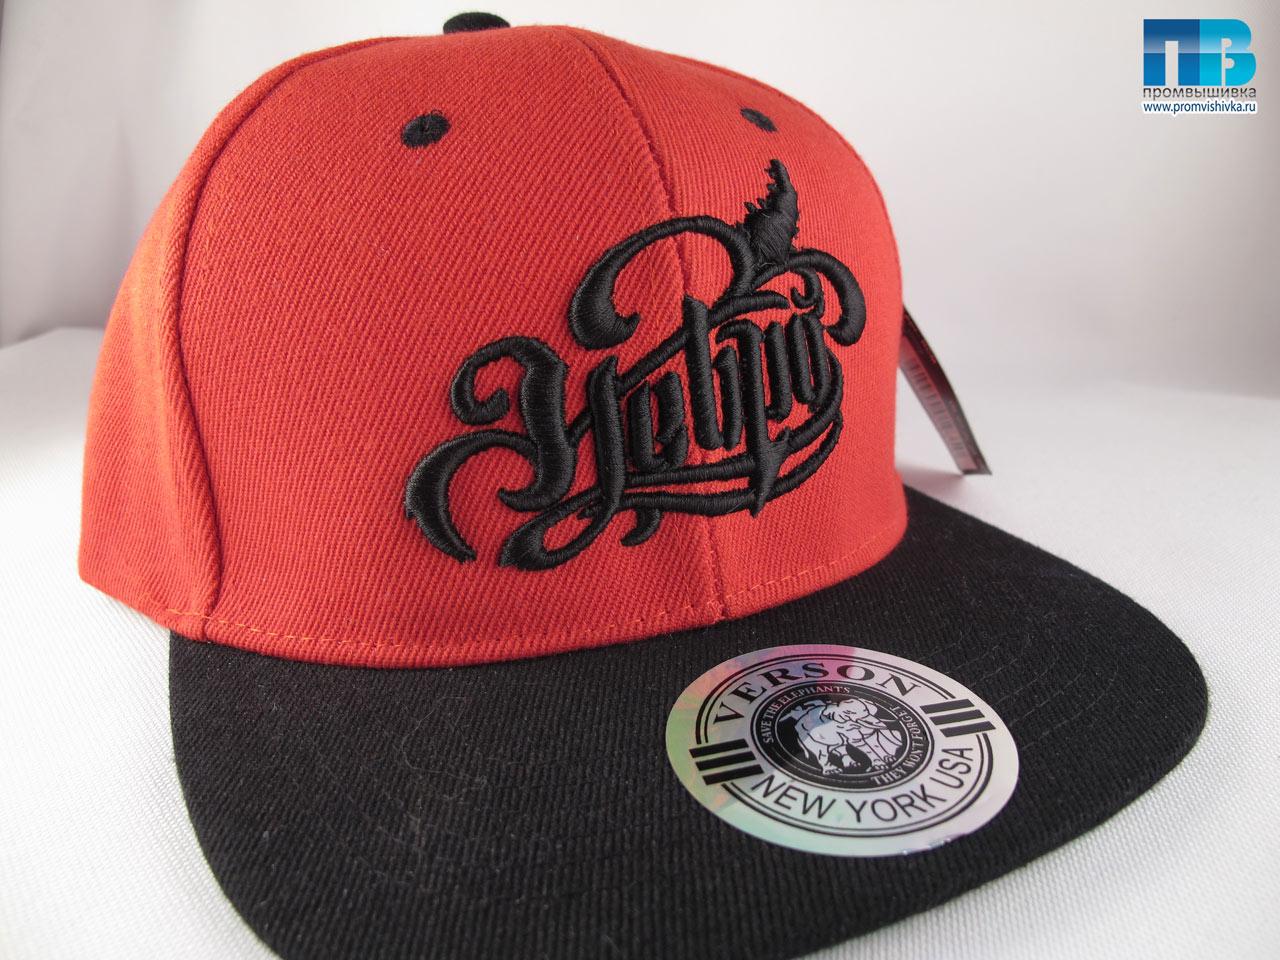 Вышивка логотипа на кепке 70